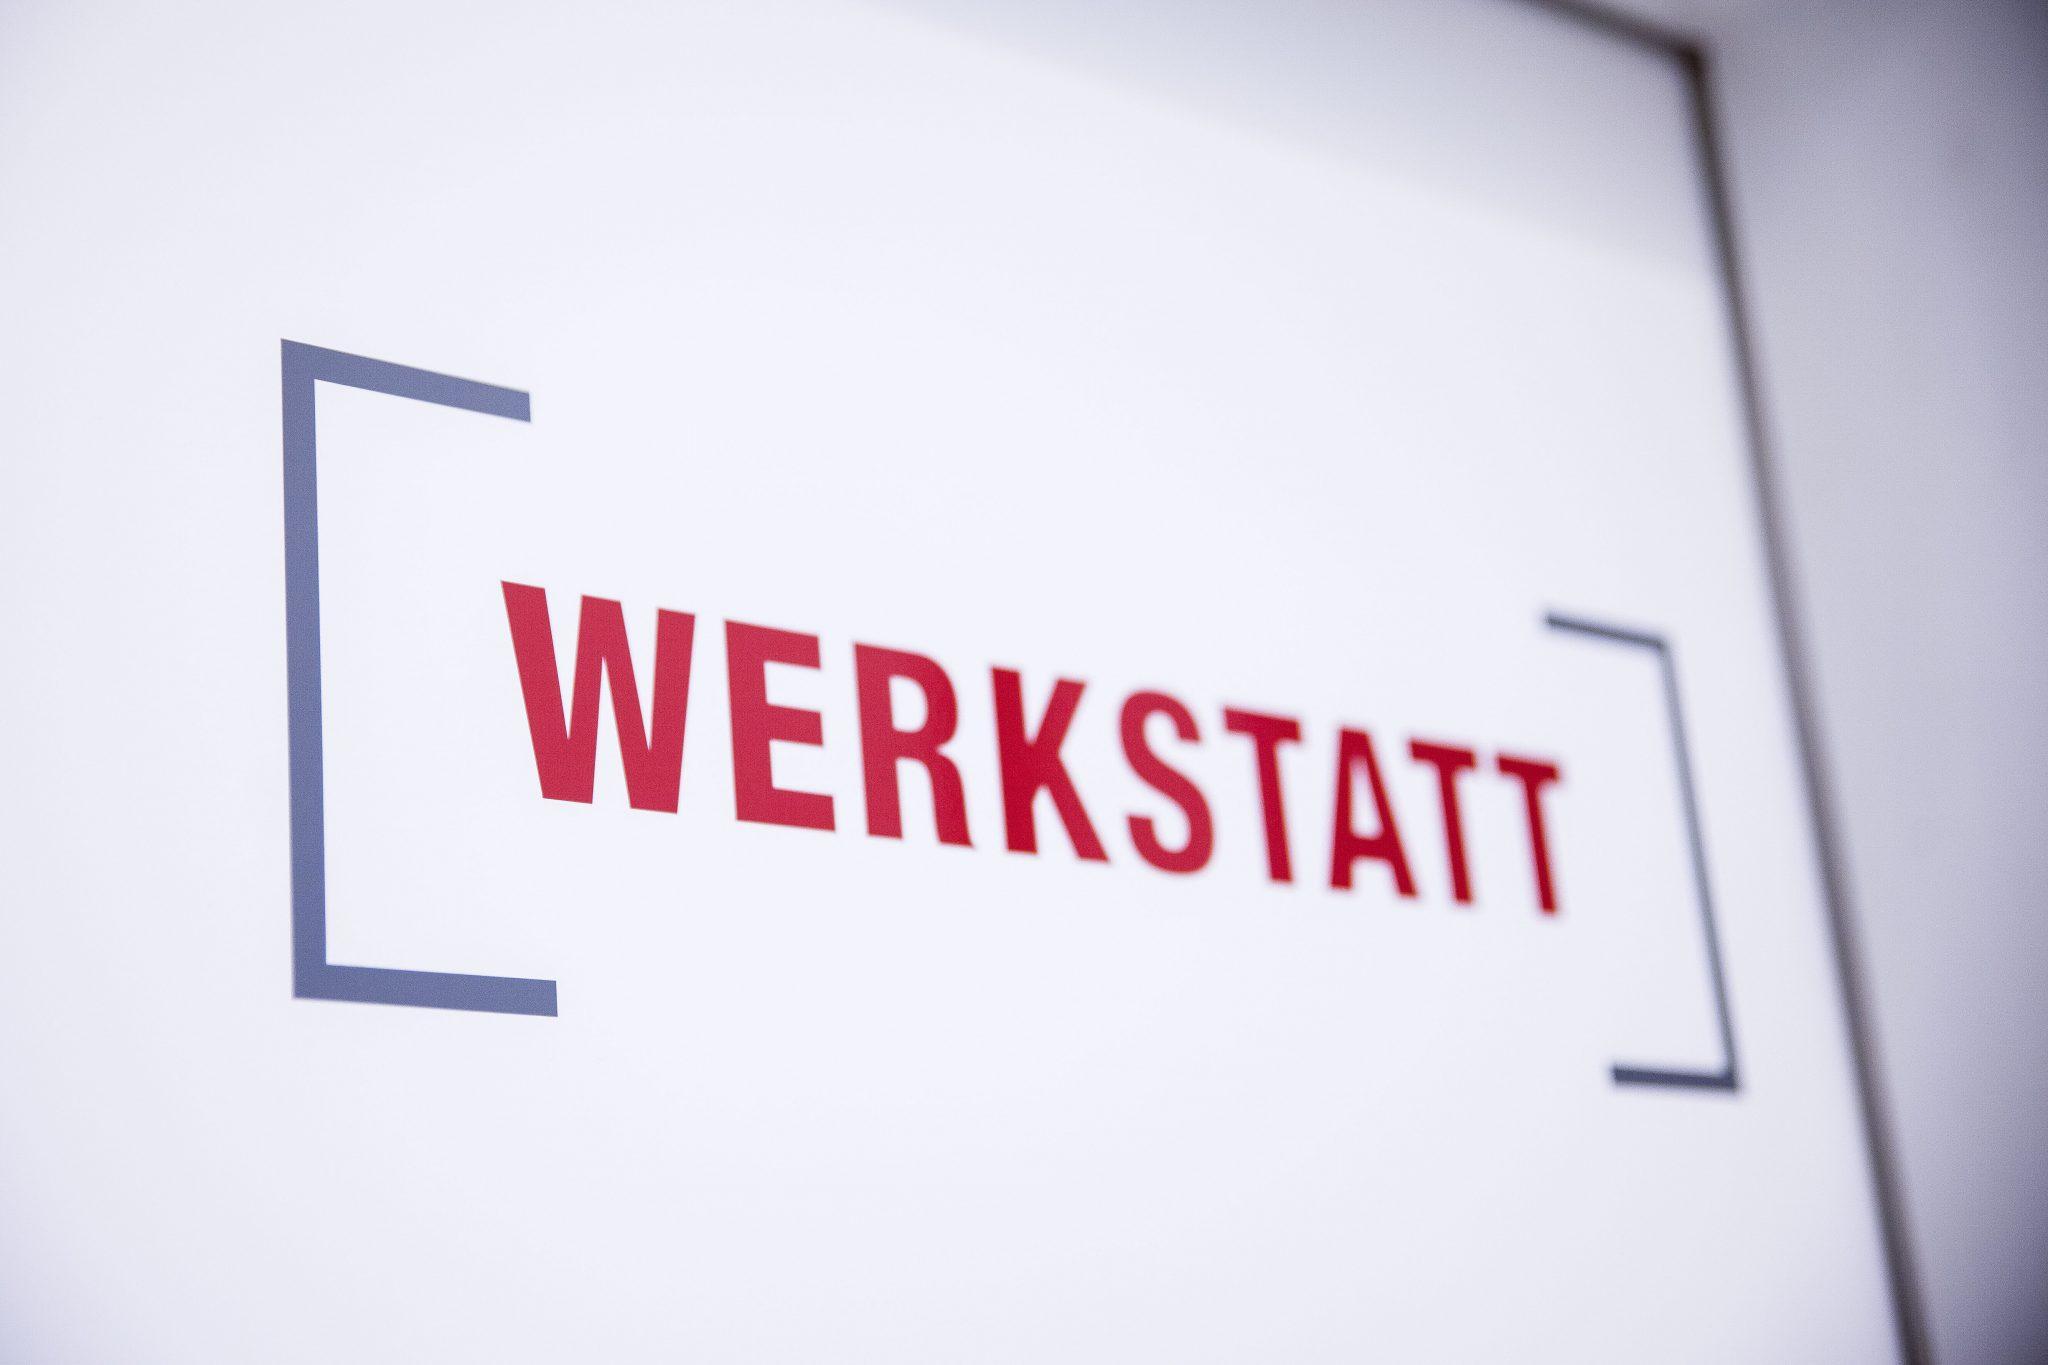 Auto Stahl Wien 21 | Werkstatt